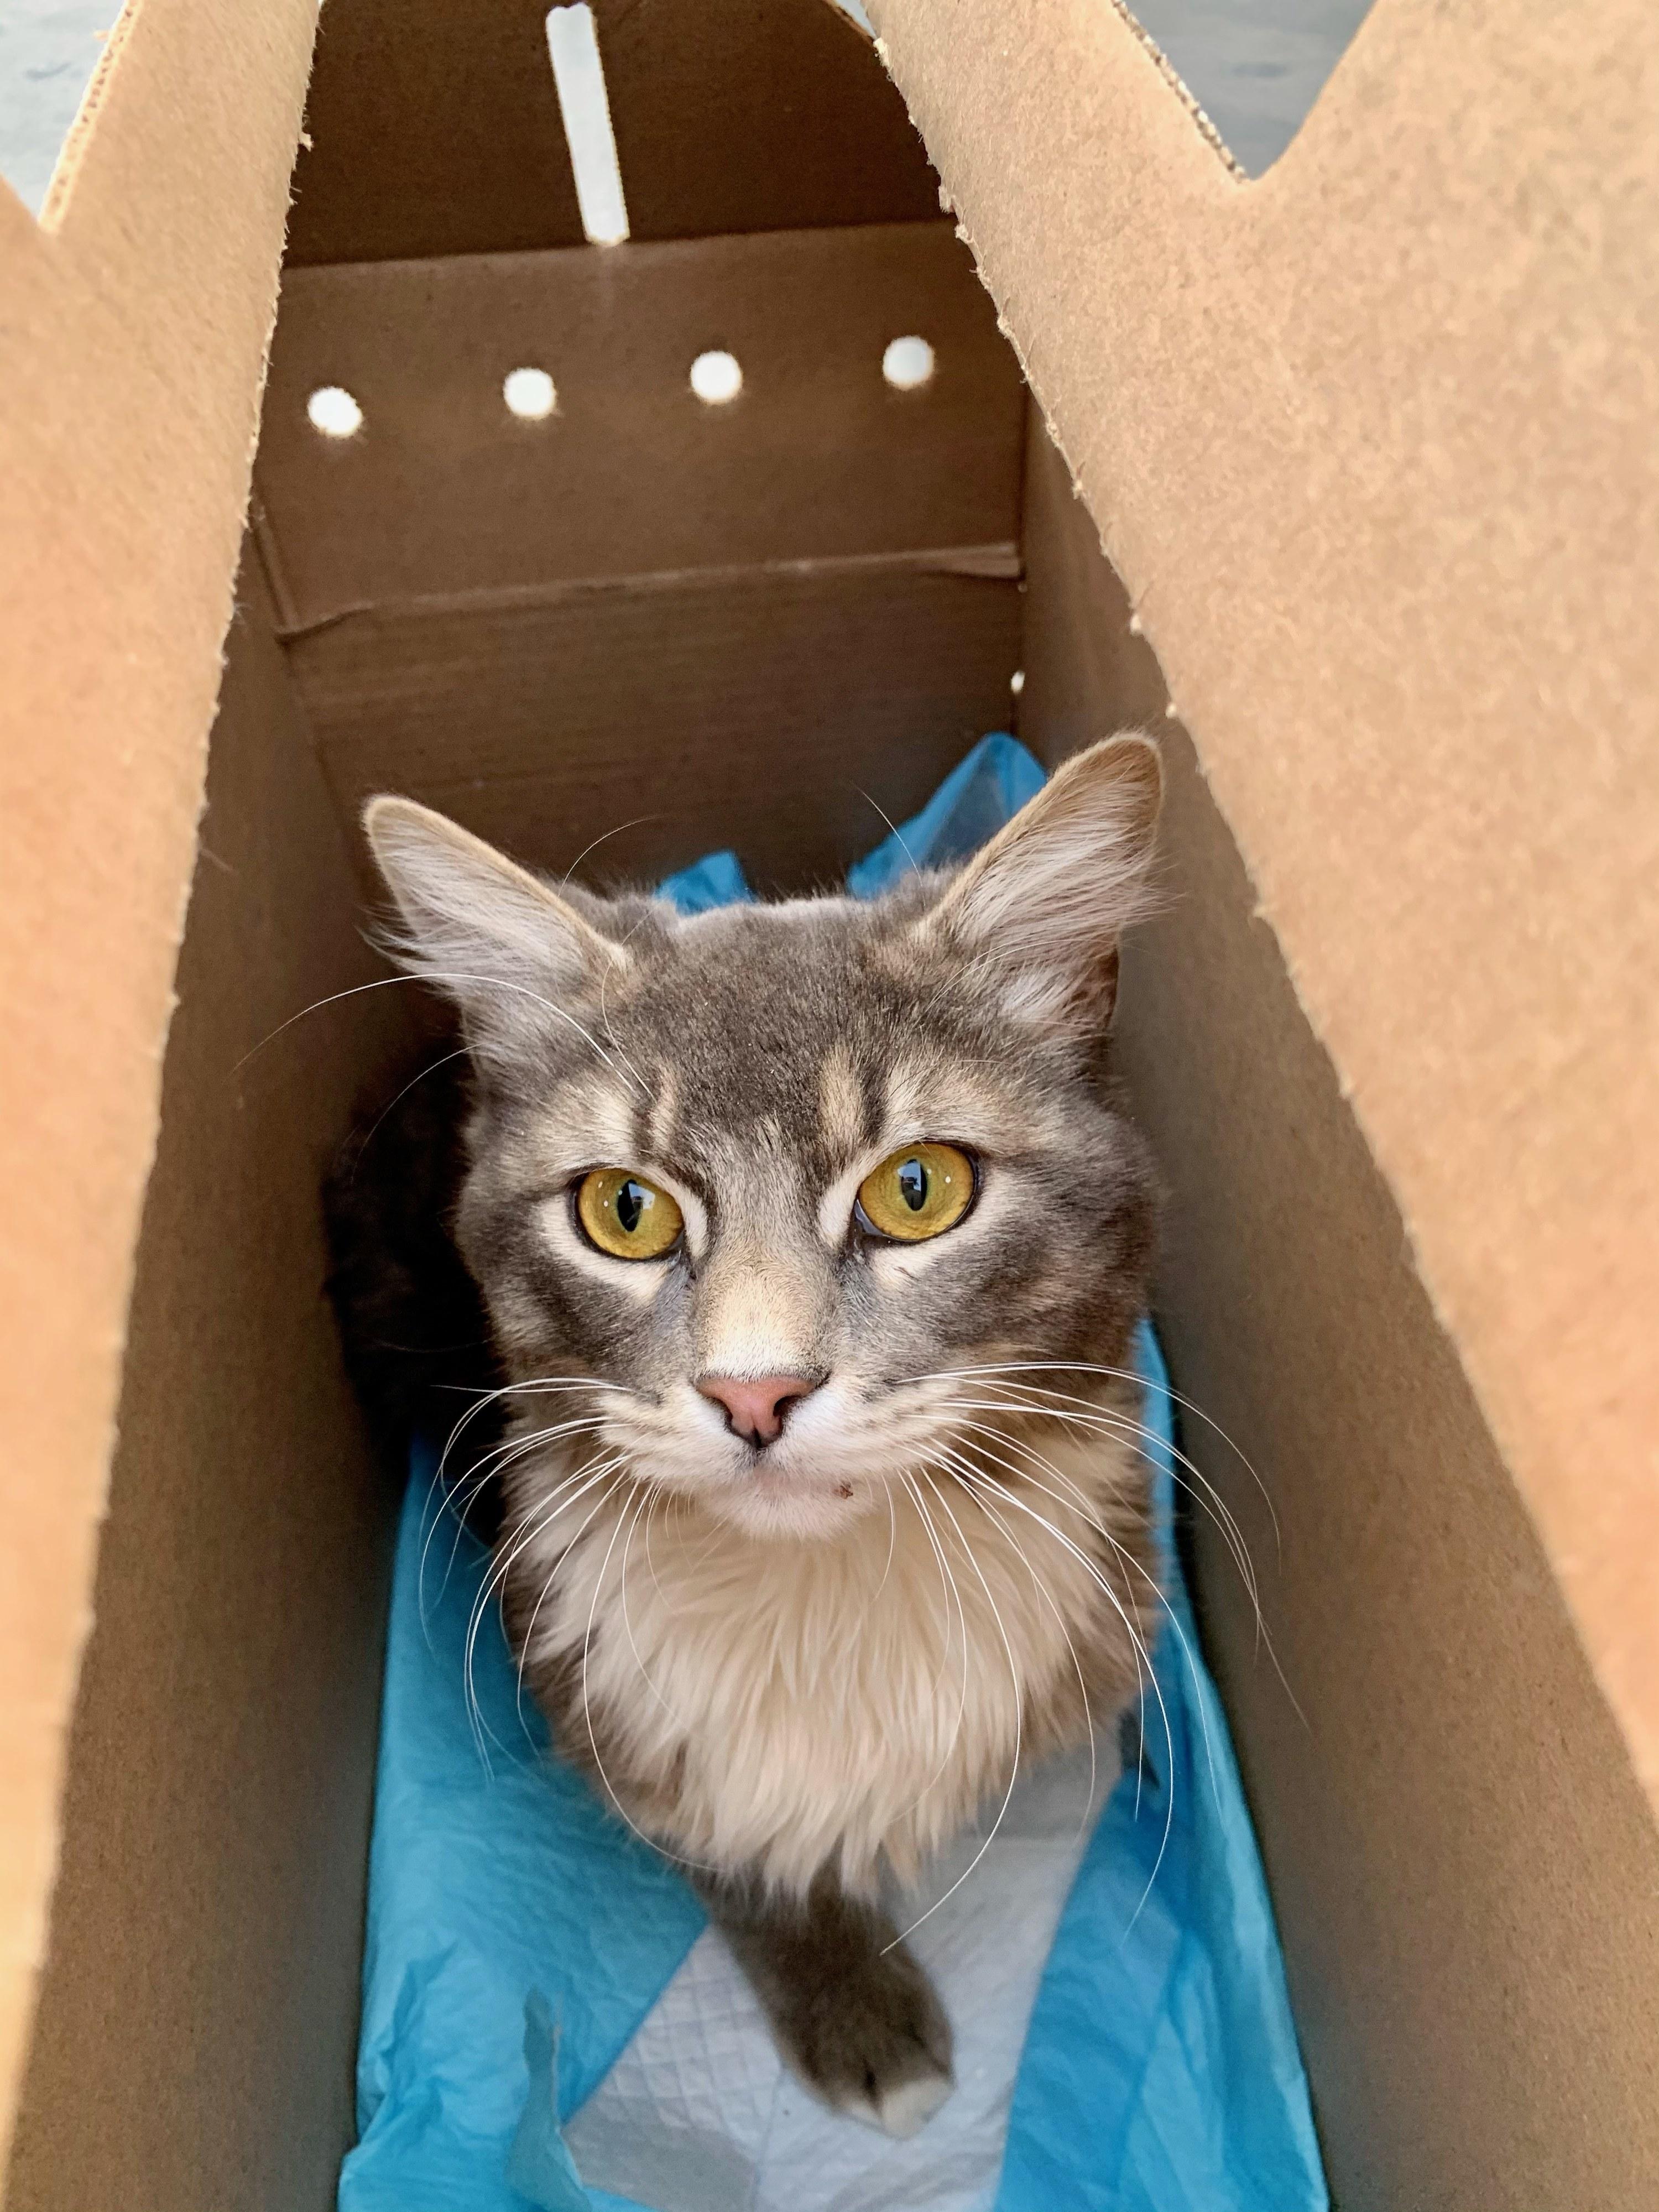 A cat sits in a box